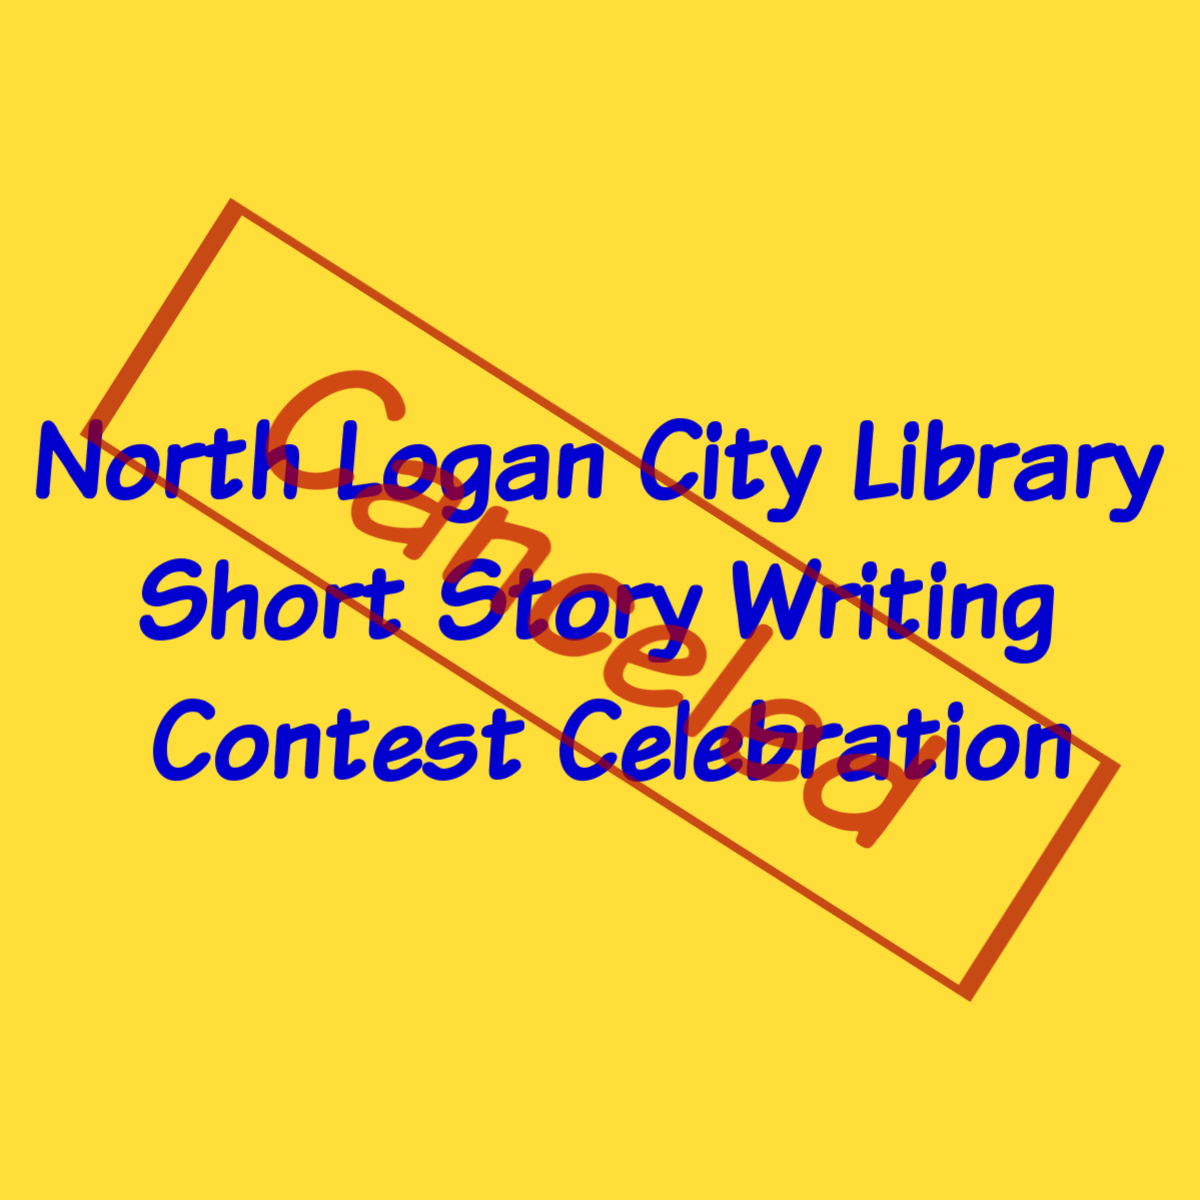 Writing Contest Celebration Canceled